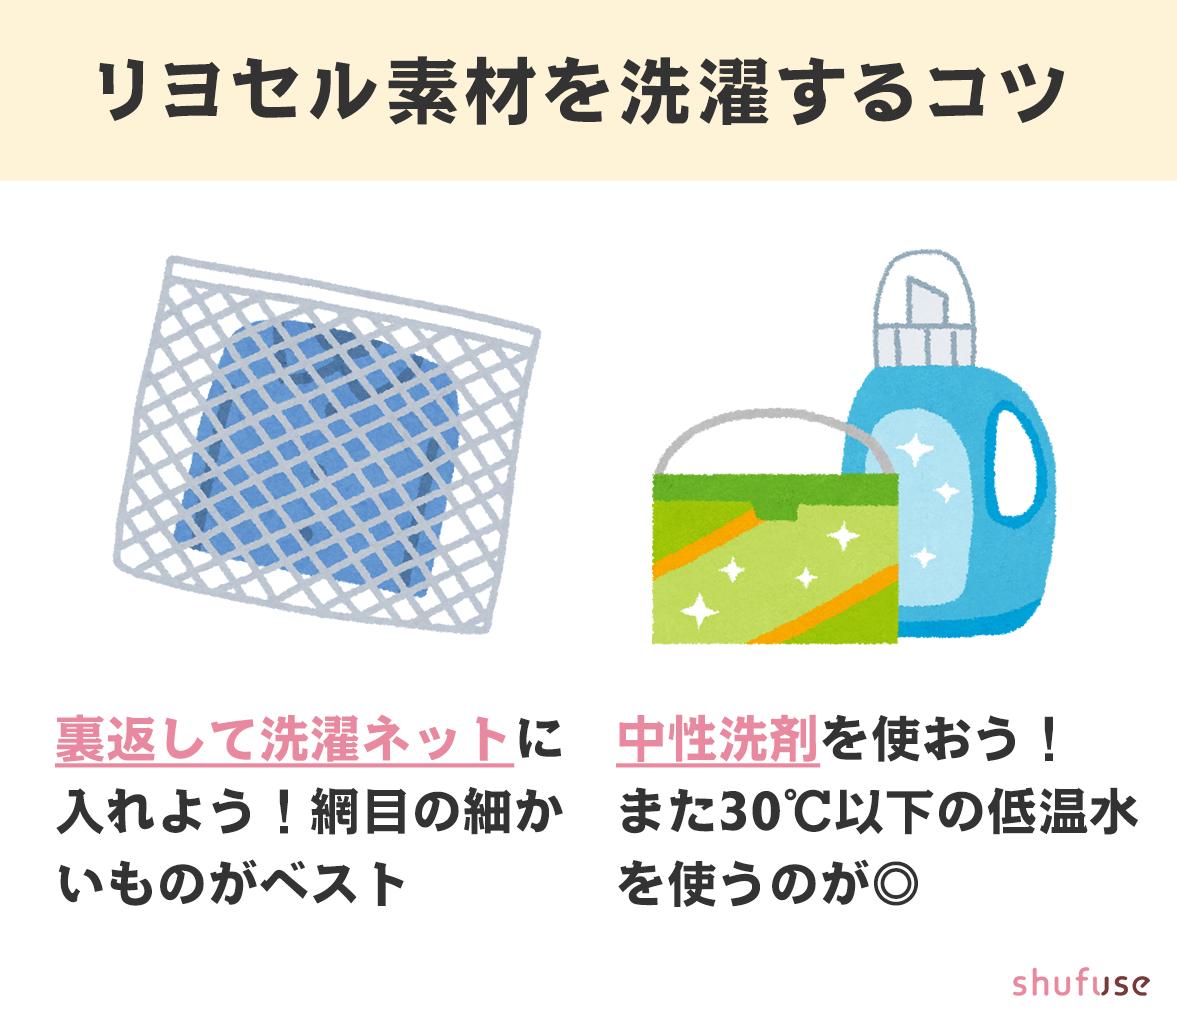 リセヨン素材の洗濯をするコツ